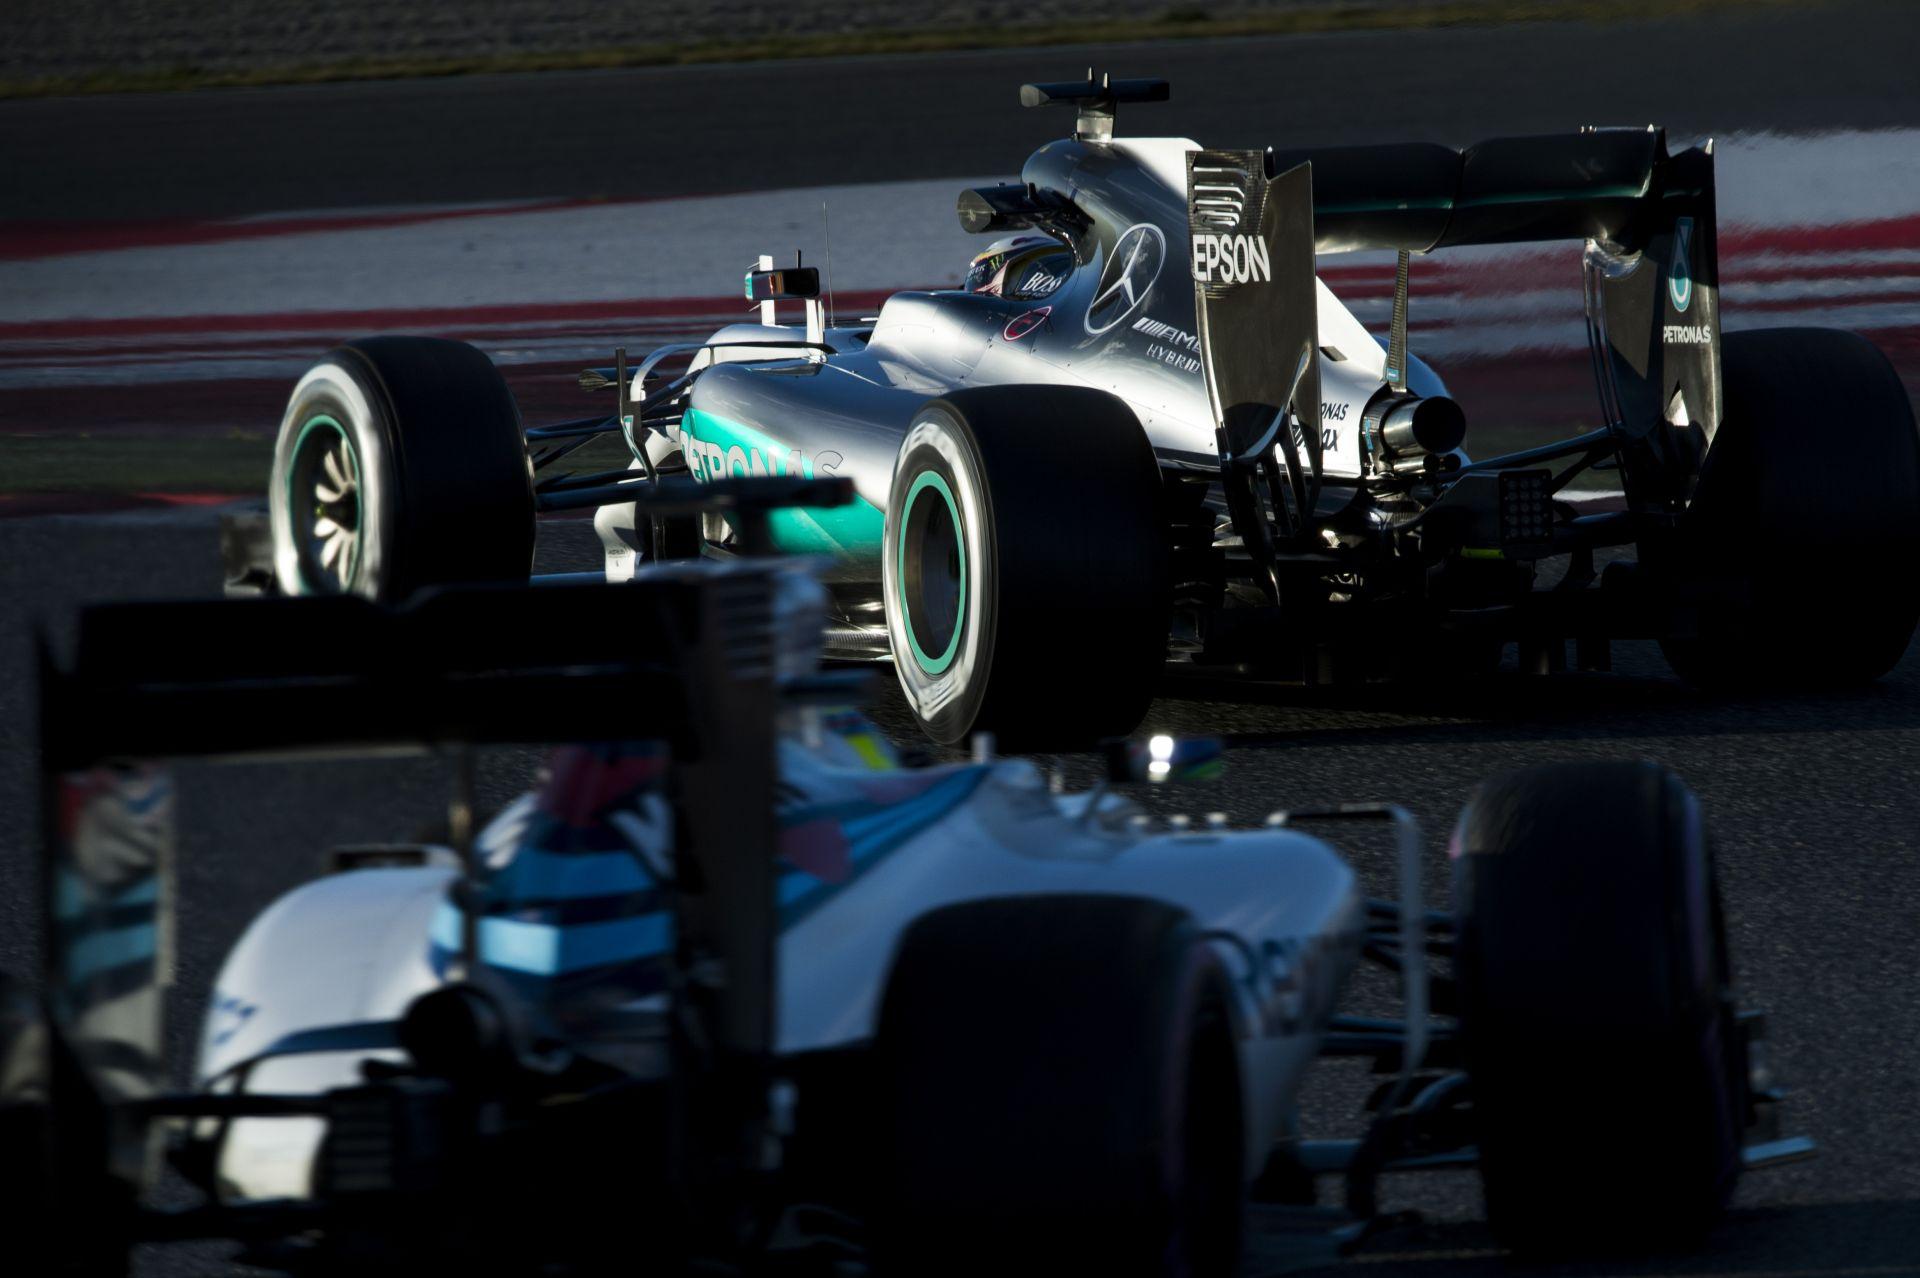 A Mercedes beáldozza magát, hogy jobb legyen a többieknek?!